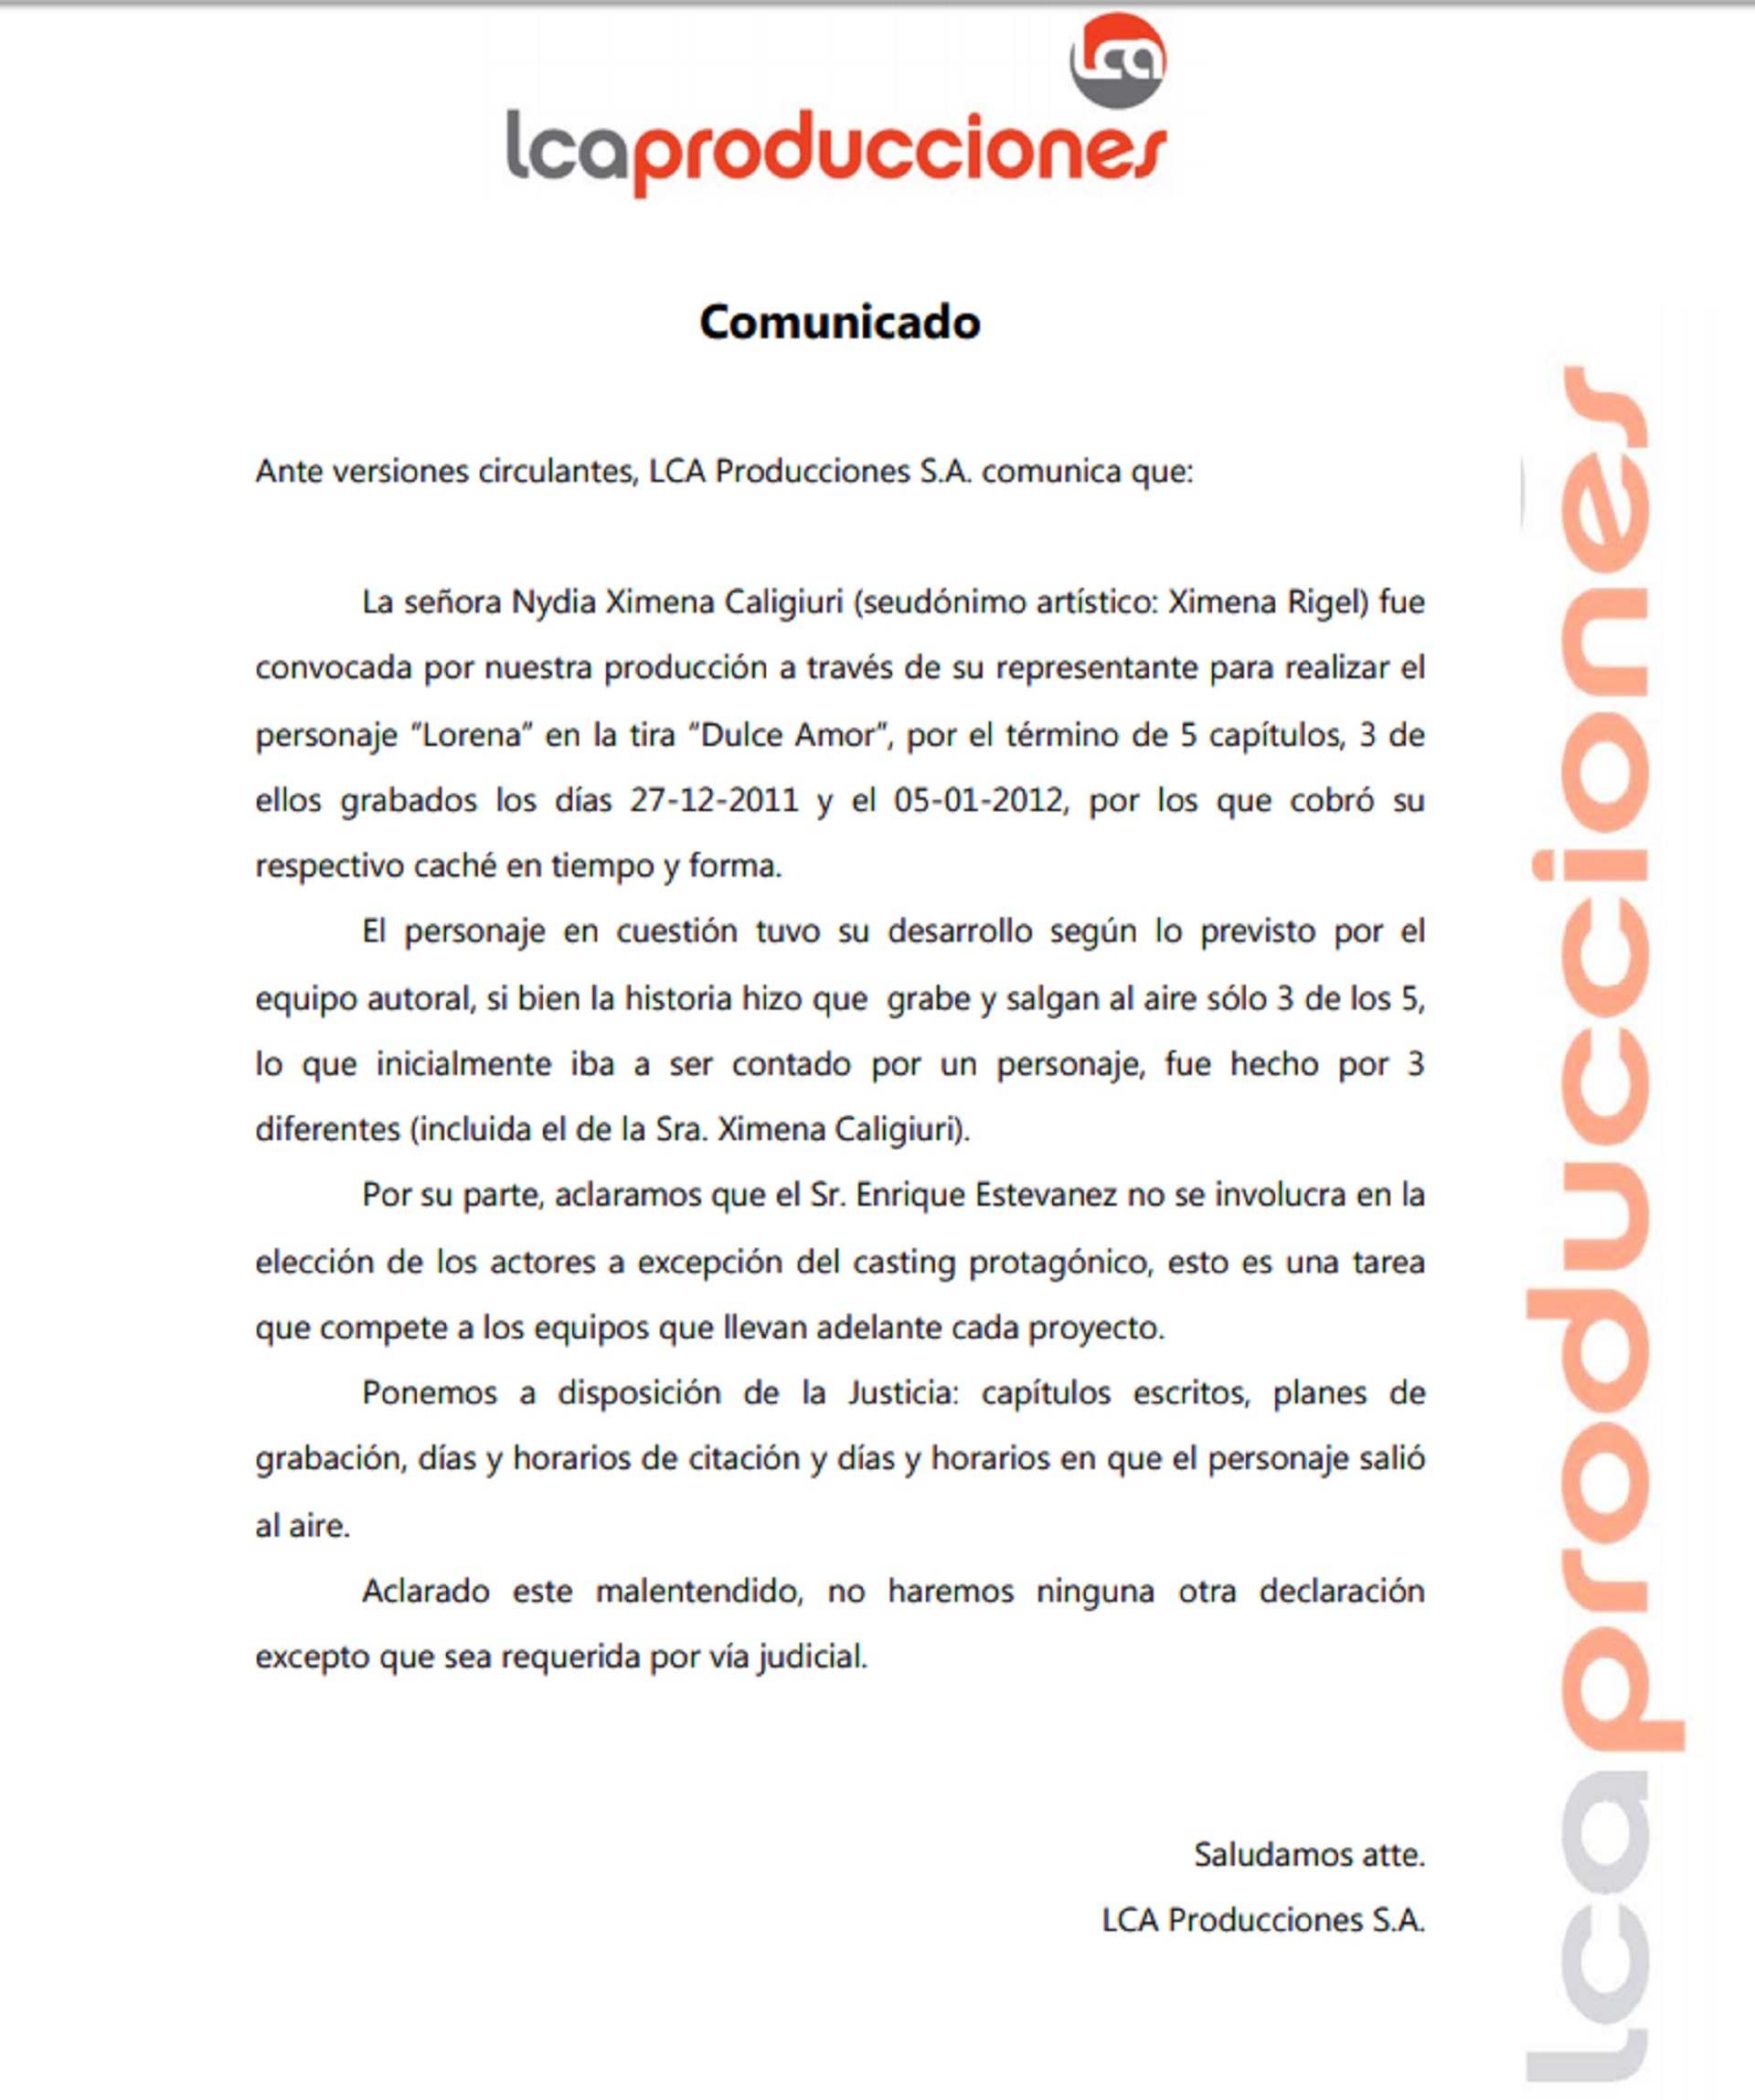 El comunicado de la productora de Quique Estevanez